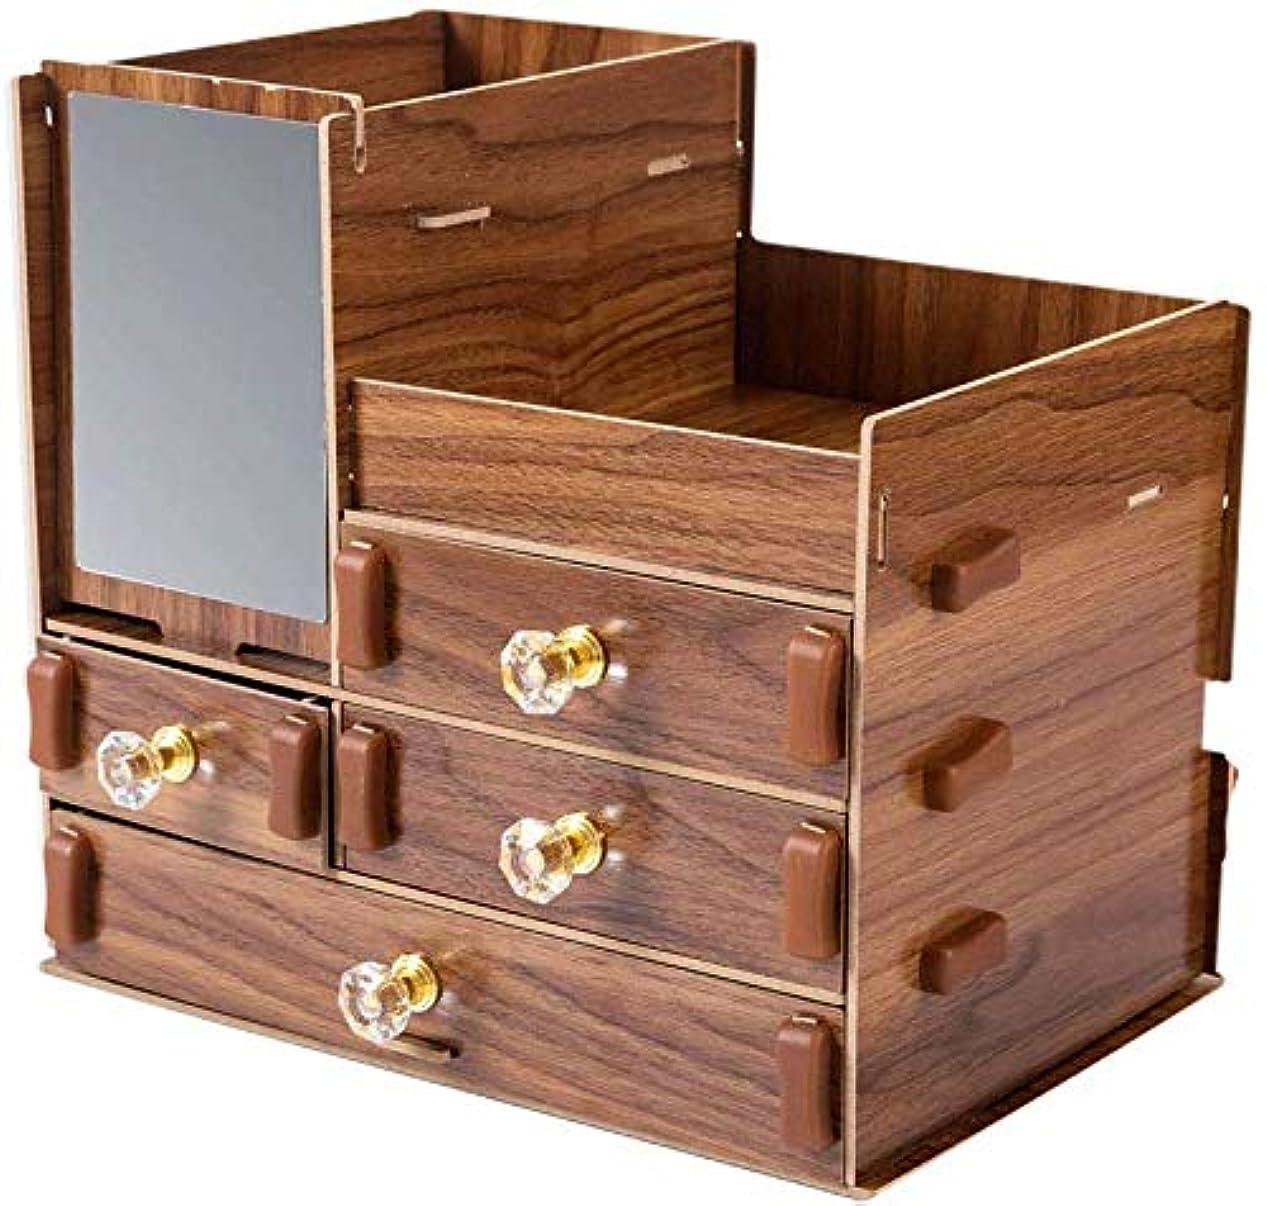 暖かくパールプーノ化粧品収納ボックスホームコンプレッションプレートデスクトップ大容量化粧品収納ボックス